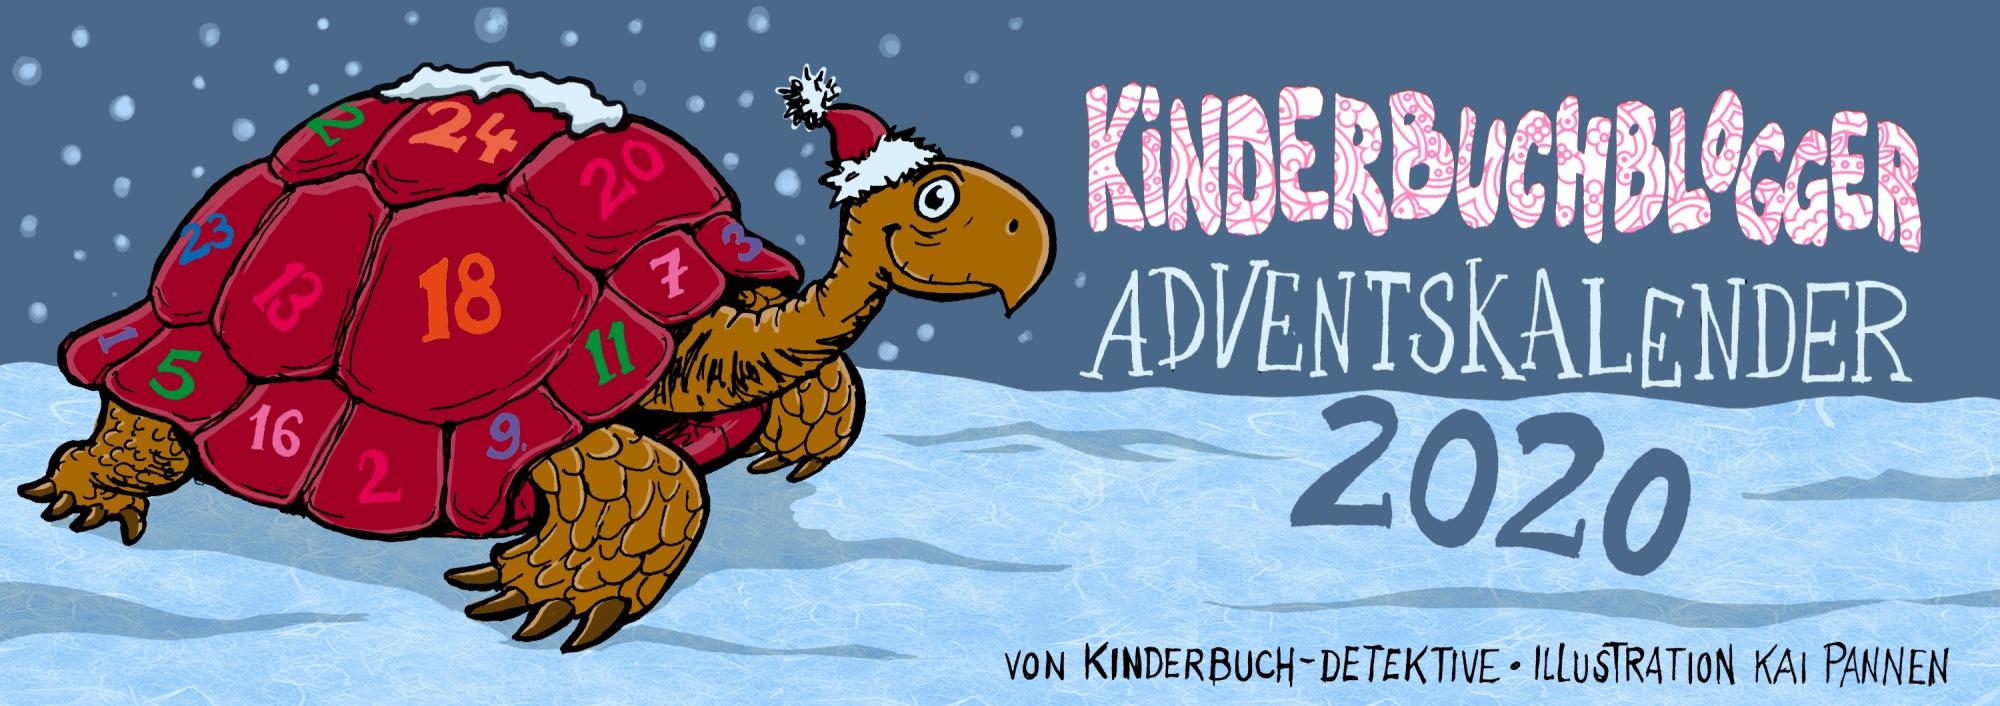 Verlosung, Advent, Gewinnspiel, Kinderbuchblogger, Kinderbücher, Bilderbücher, Weihnachten